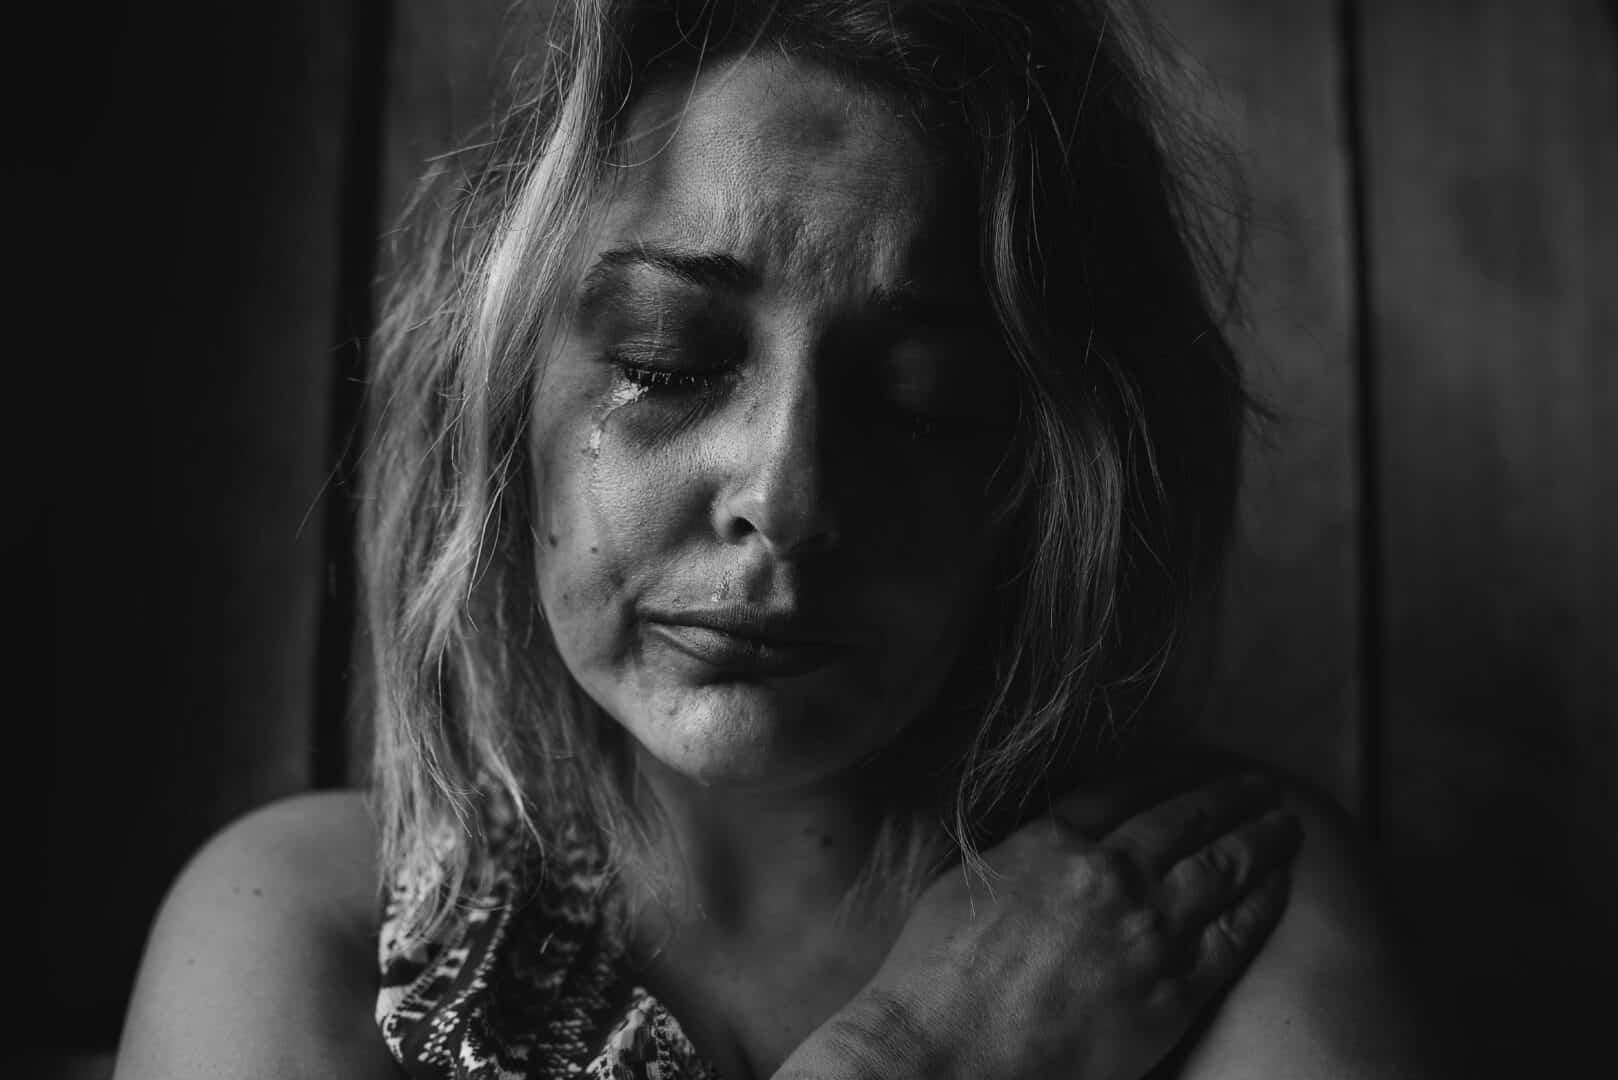 Dank Depression und Burnout den wahren Sinn erkennen